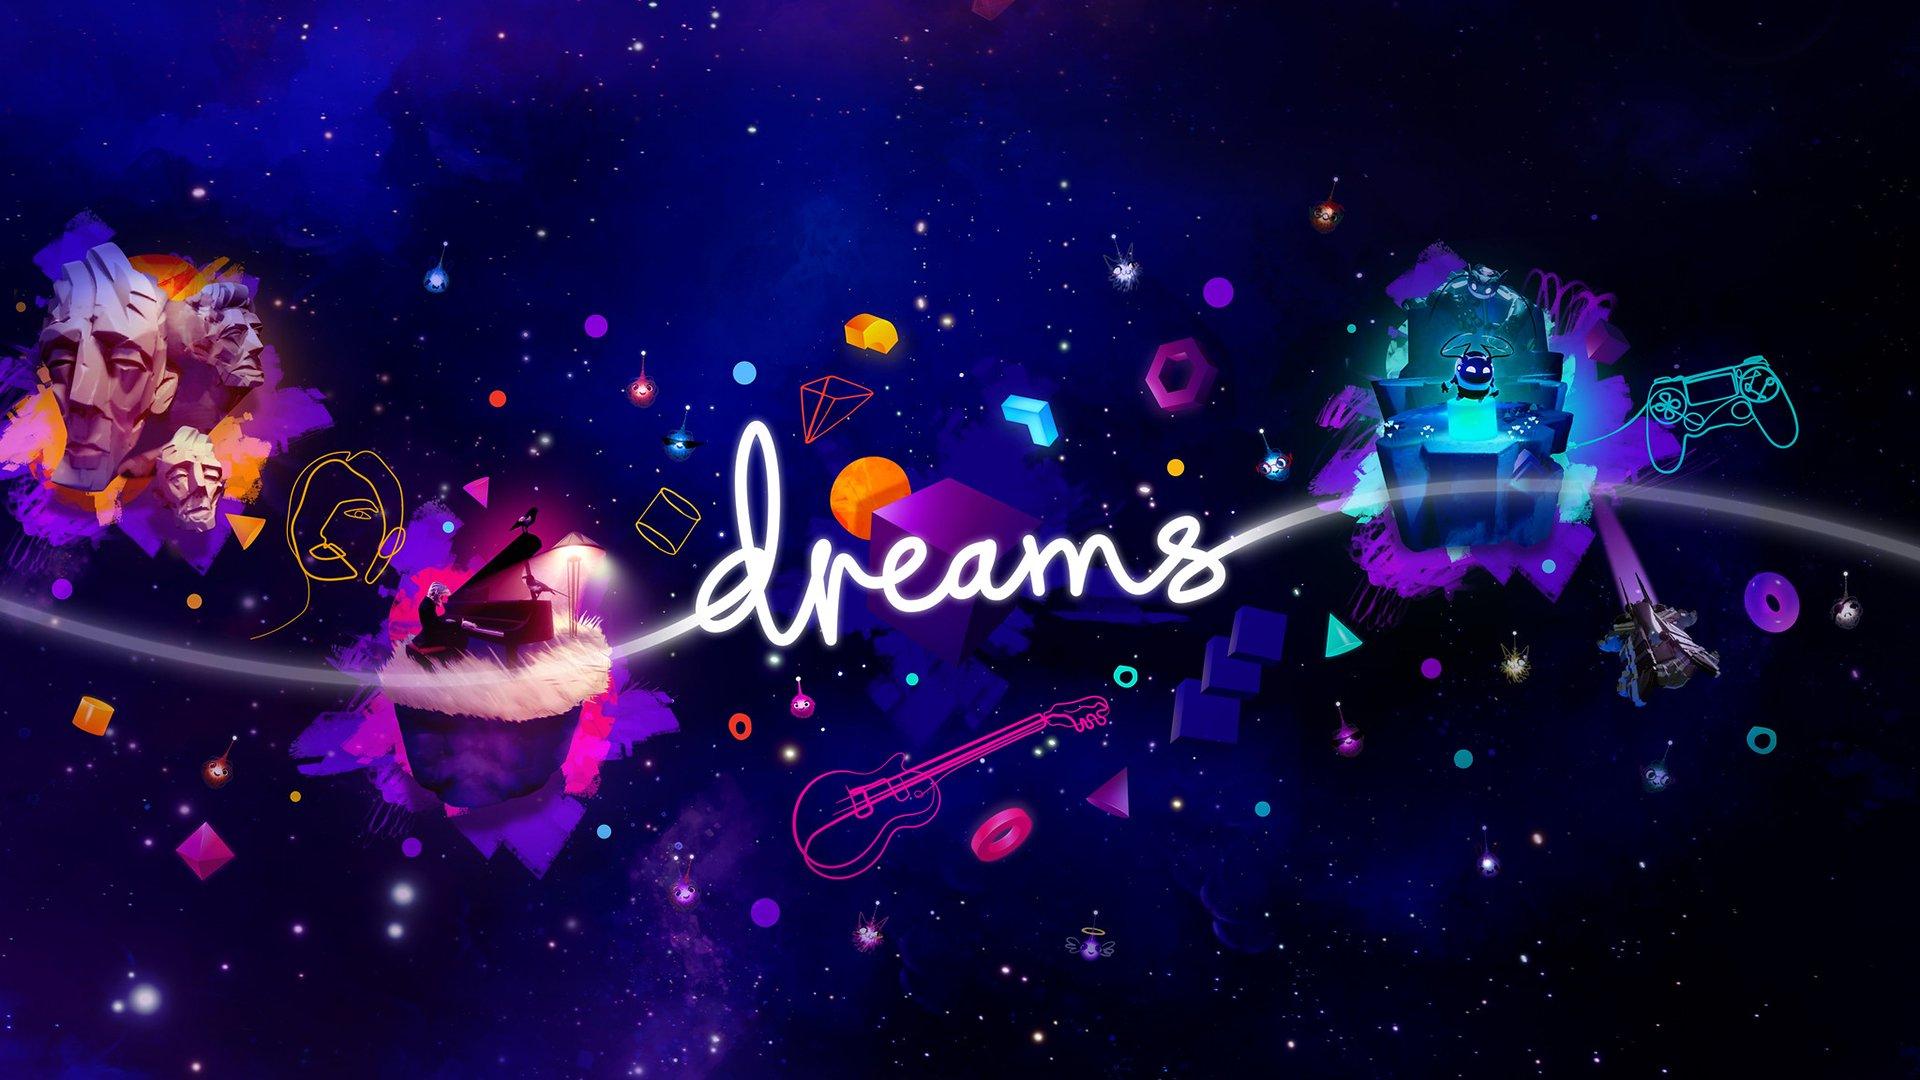 نقد و بررسی بازی Dreams 5